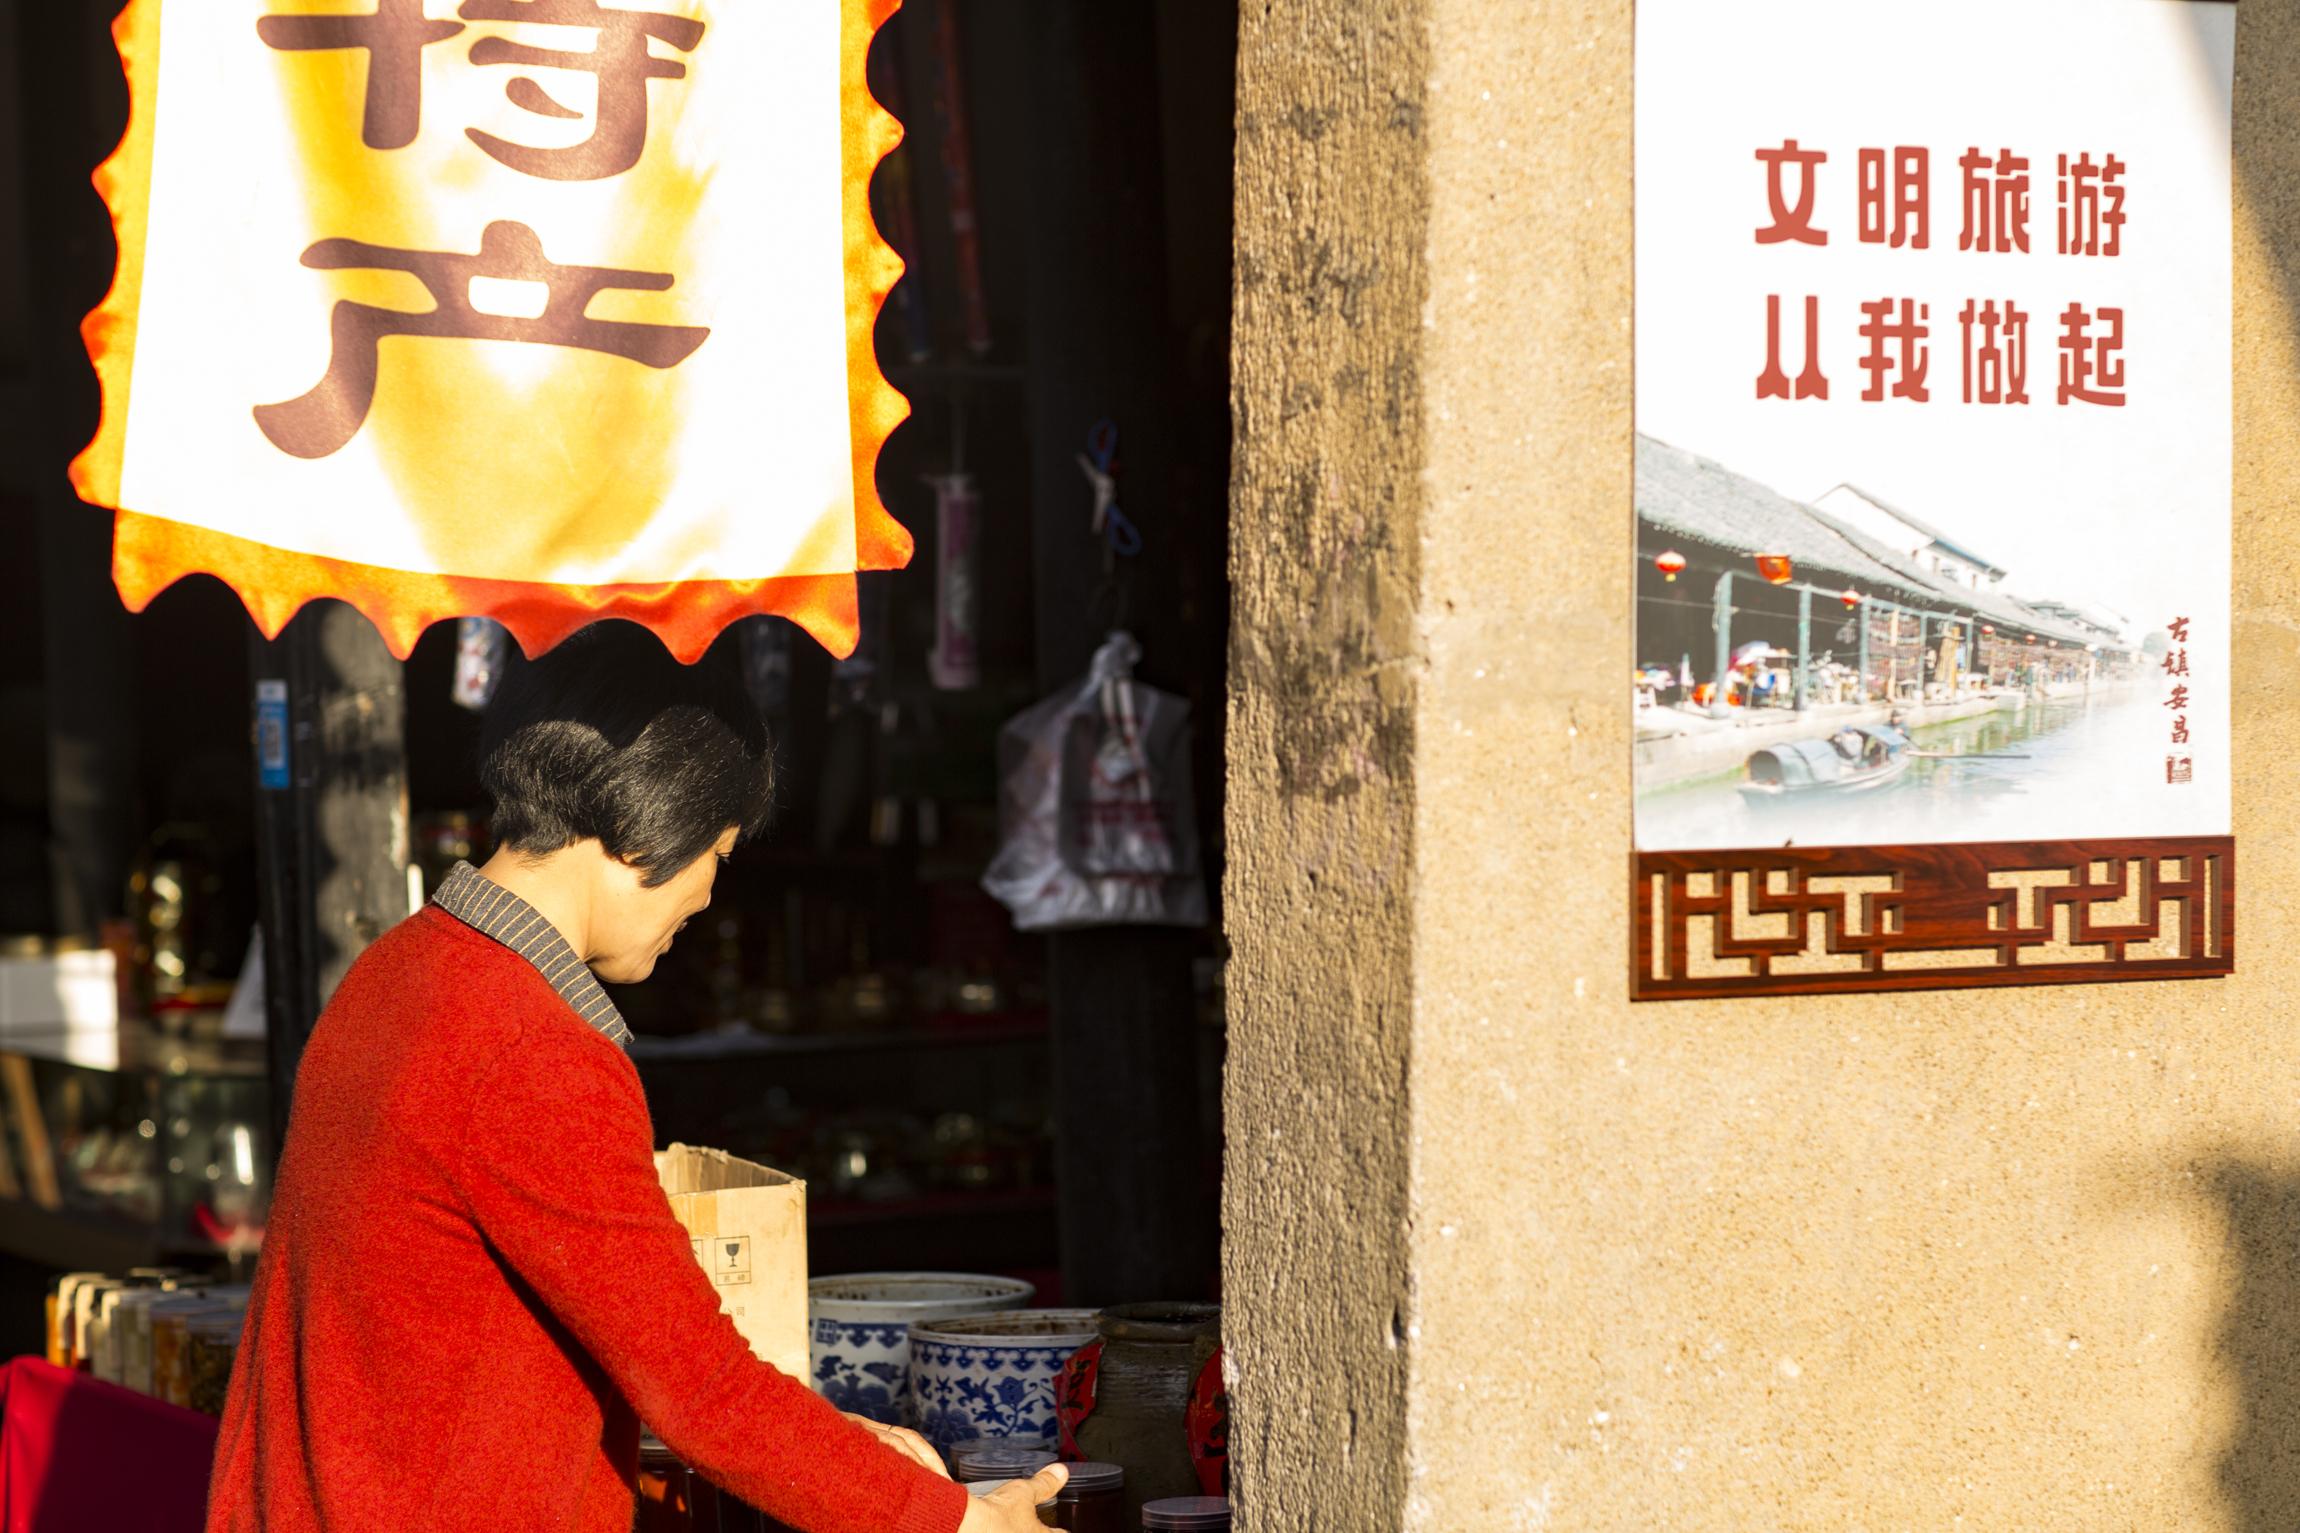 到了安昌古镇,最怀念还是老祖母的那缸酱